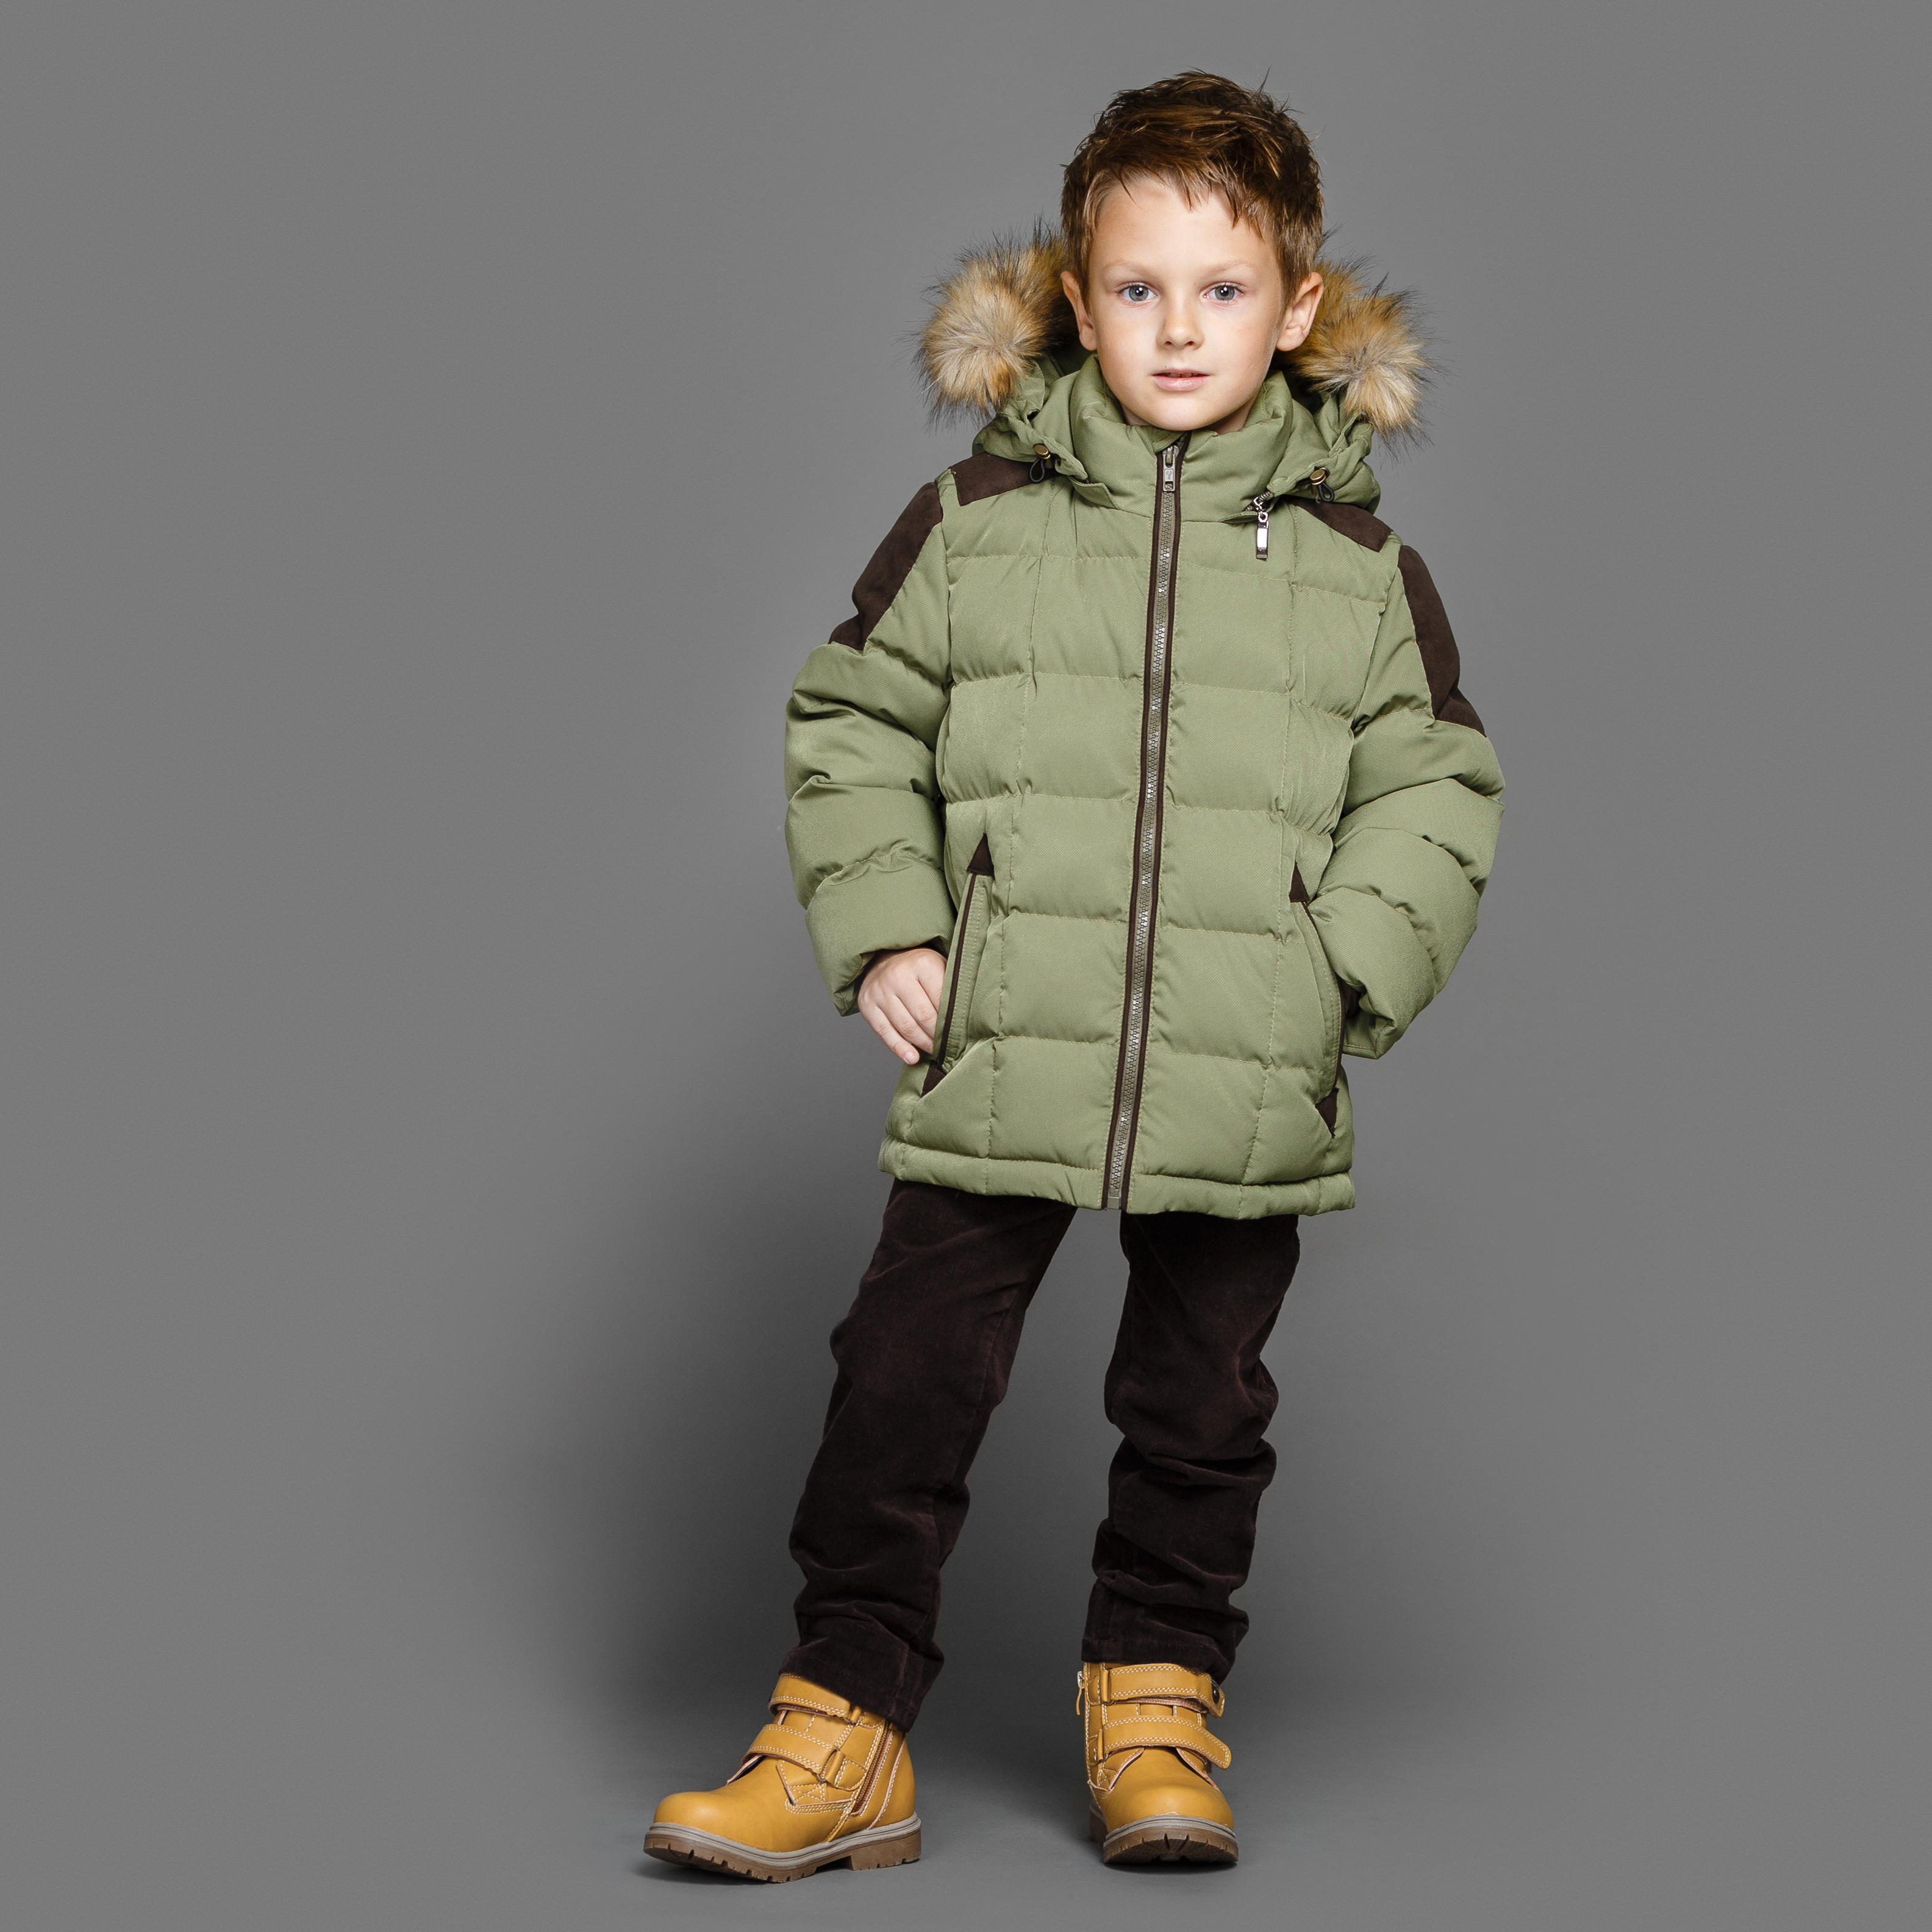 Куртка для мальчиков Ёмаё, цвет: зеленый. 39-147. Размер 11039-147Куртка для мальчика на синтепухе (плотность набивки - 300 гр/м кв), подкладка комбинированная - хлопок и таффета (п/э) Температурный режим - до минус 20-25 Капюшон съёмный; меховая опушка - съёмная (искуственный Енот) По низкам рукавов - внутренние трикотажные манжеты, защищающие ребёнка от ветра По низу куртки и по лицевому срезу капюшона предусмотрена регулировка с помощью шнура-резинки и фиксаторов - защита от ветра Застёжка куртки с внутренней ветрозащитной планкой